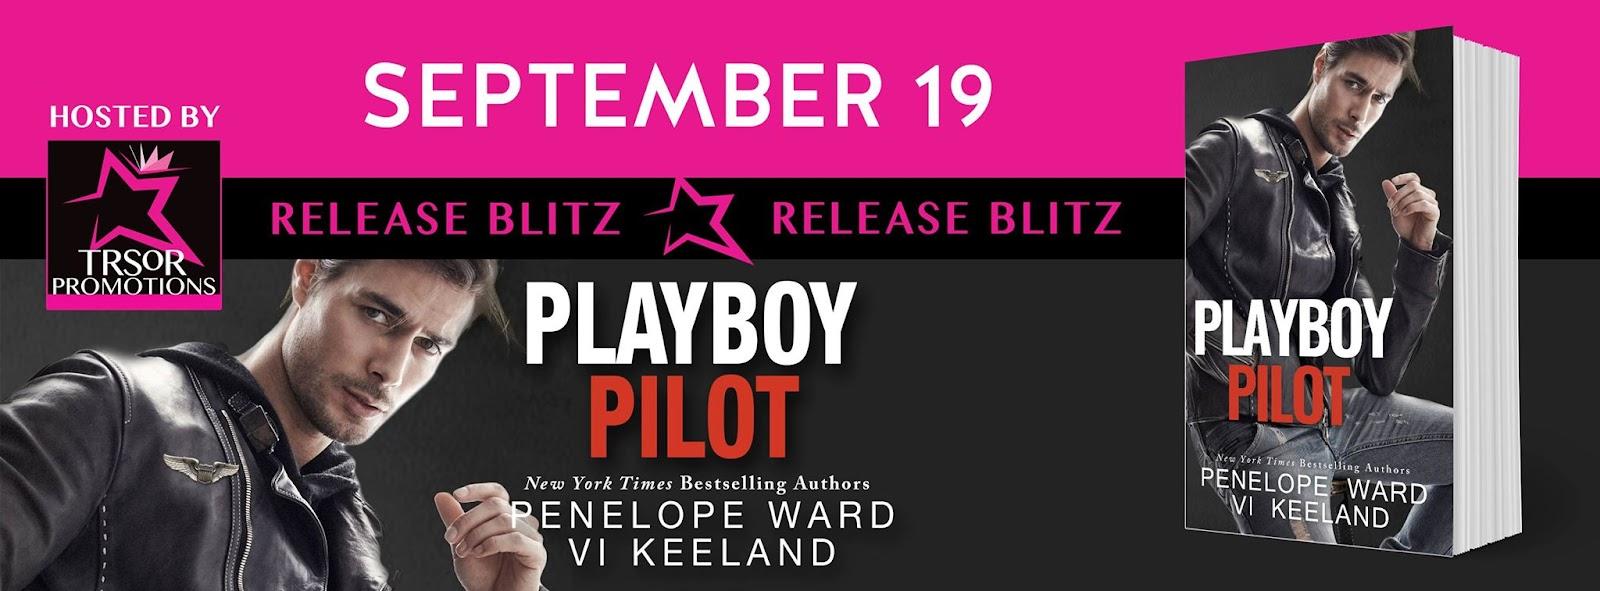 playboy pilot release blitz.jpg